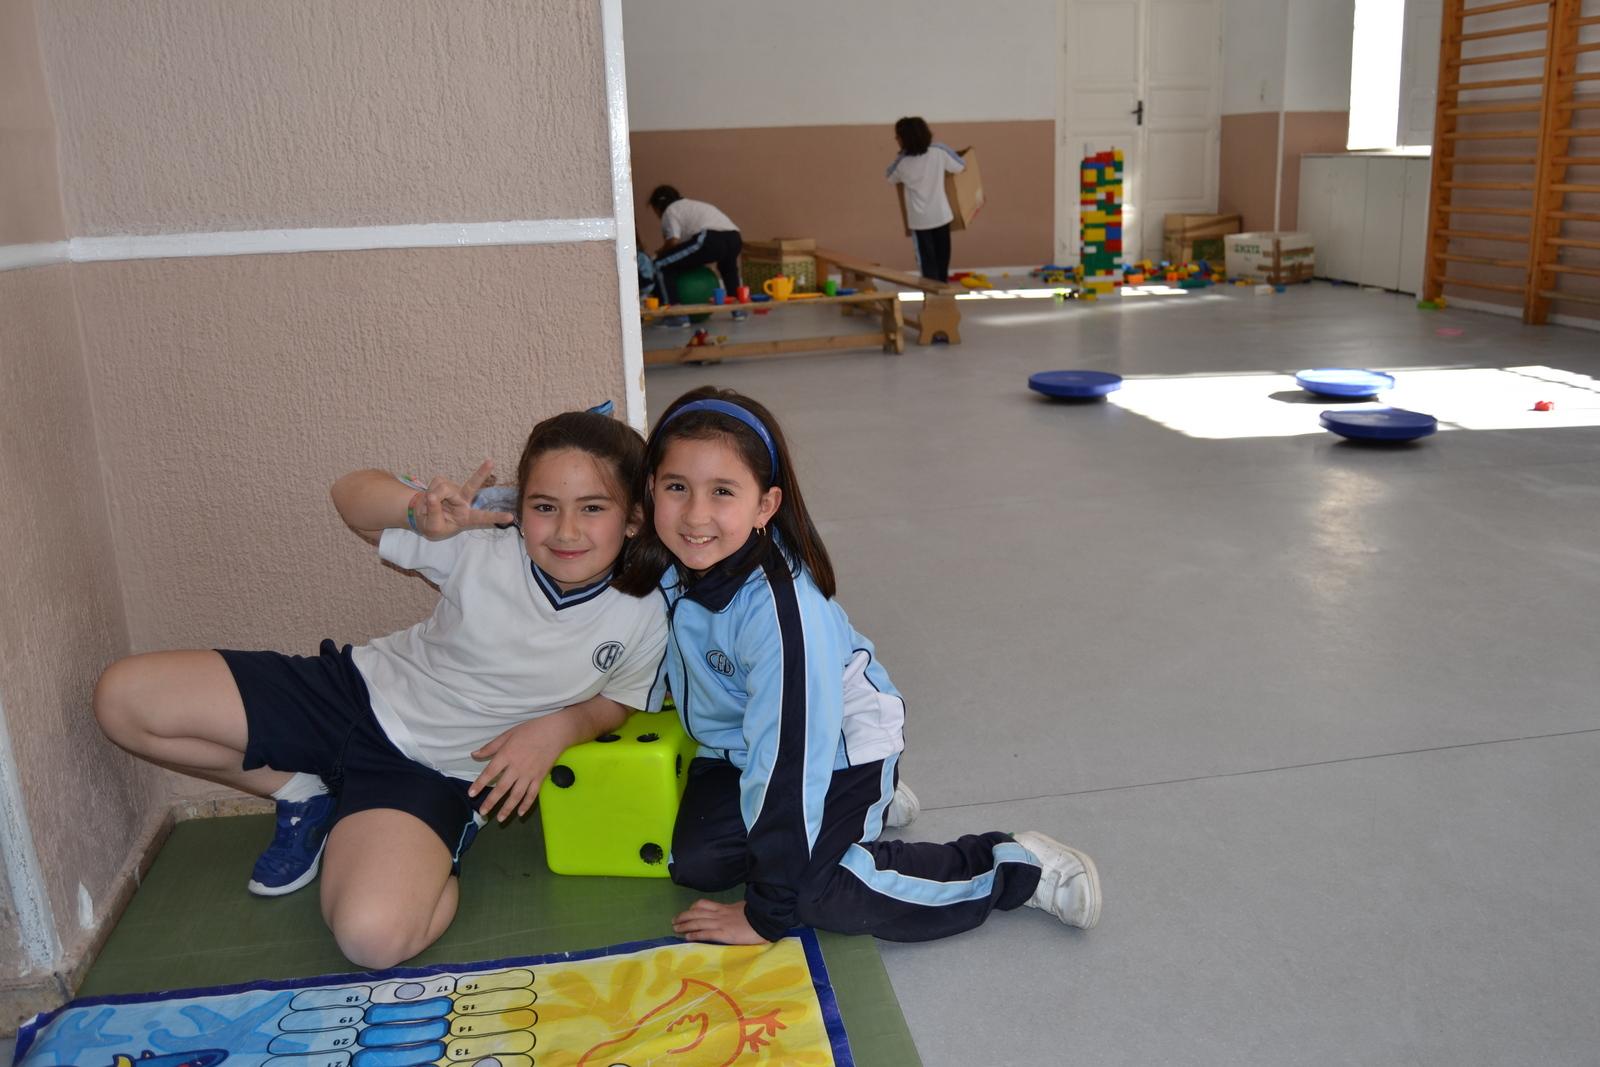 JORNADAS CULTURALES 2019: Juegos 3º y 4º Edu. Primaria 19